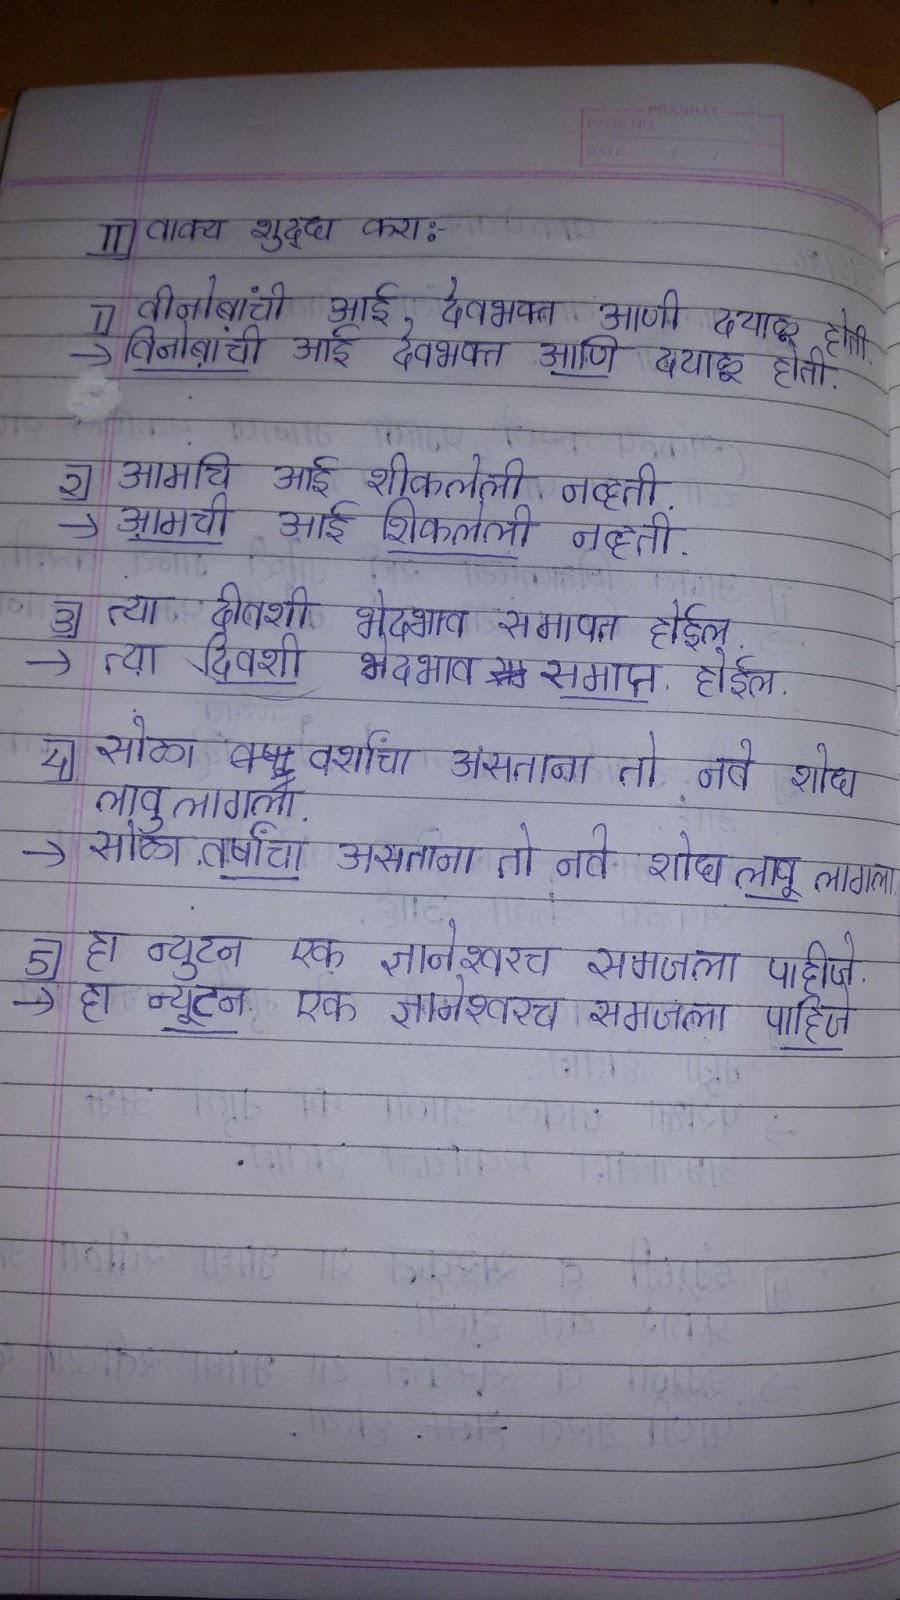 9 th marathi grammar